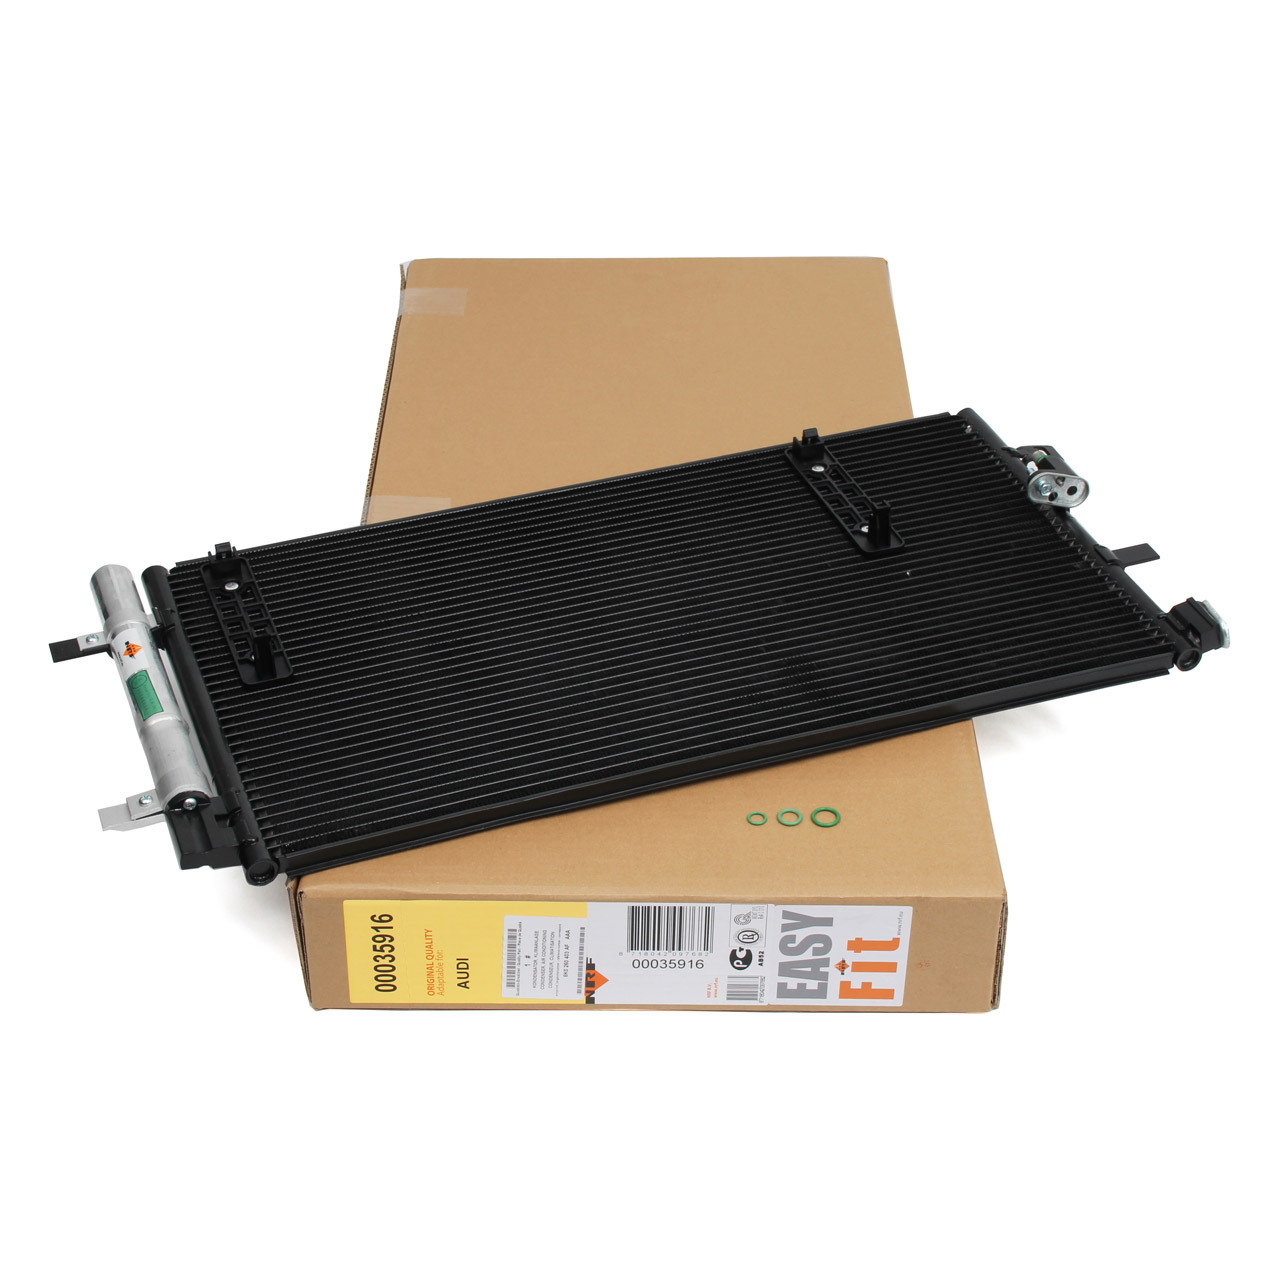 NRF 35916 Kondensator Klimakondensator EASY FIT AUDI A4 B8 A5 8T Q5 8RB 8K0260401AA